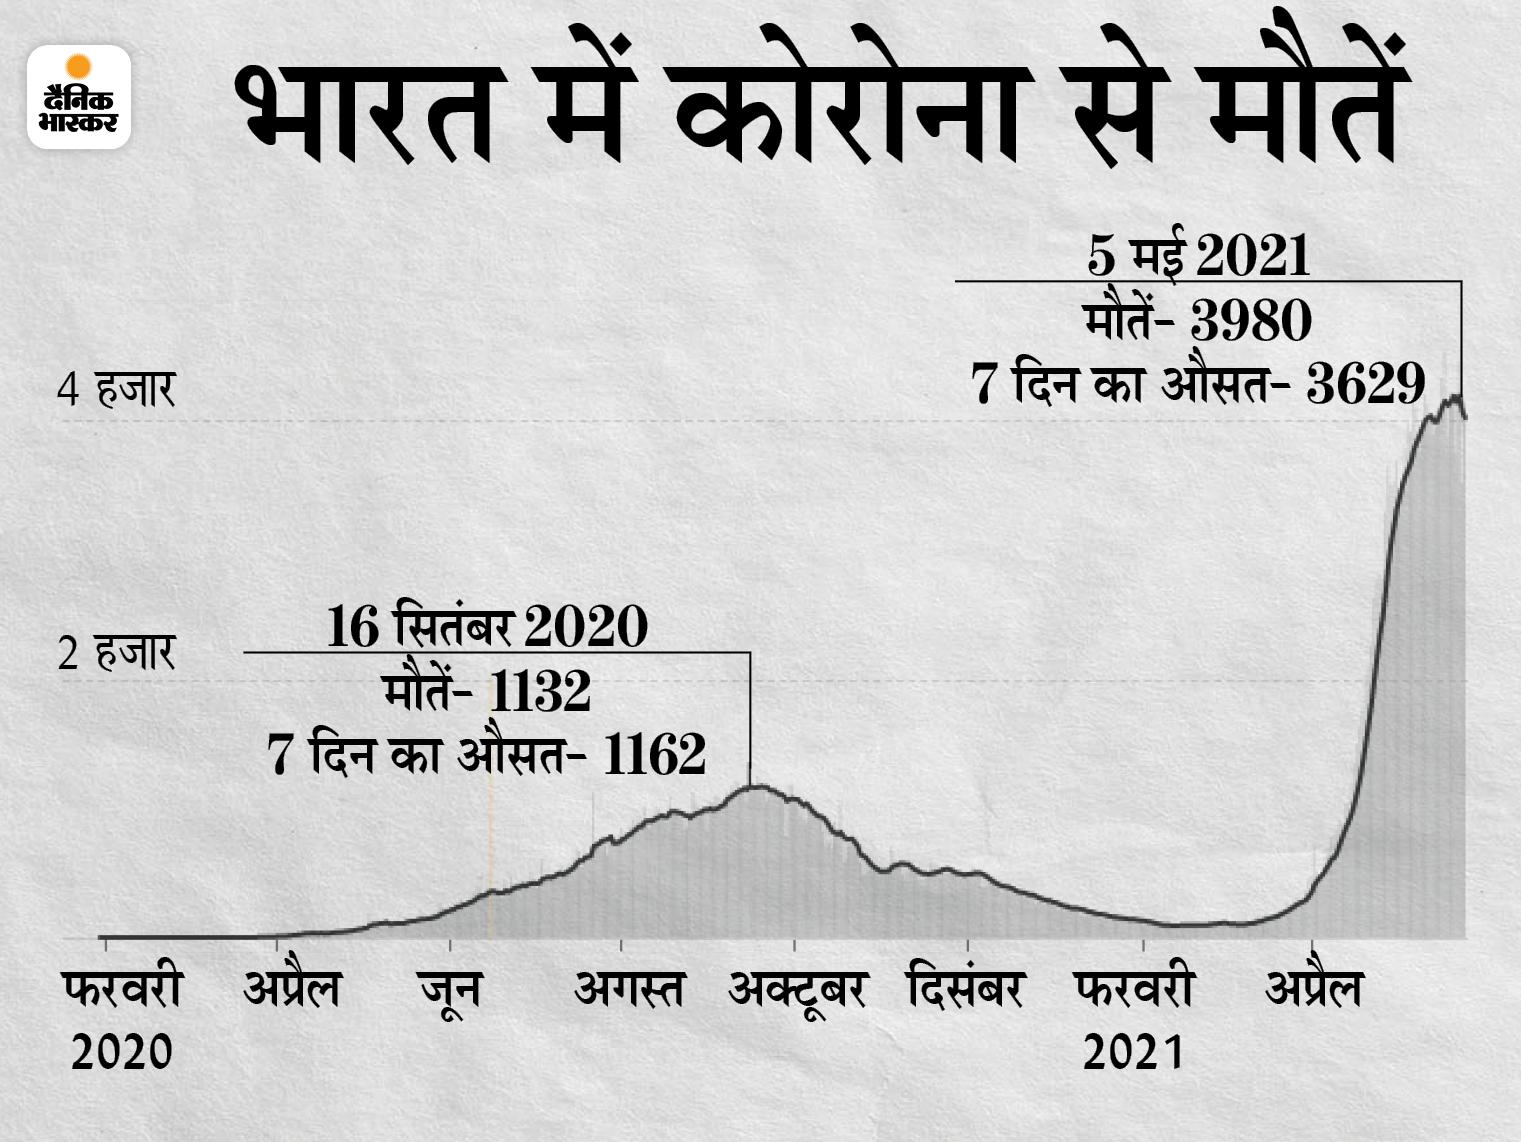 सरकार की ओर से जारी मौत के आंकड़े।